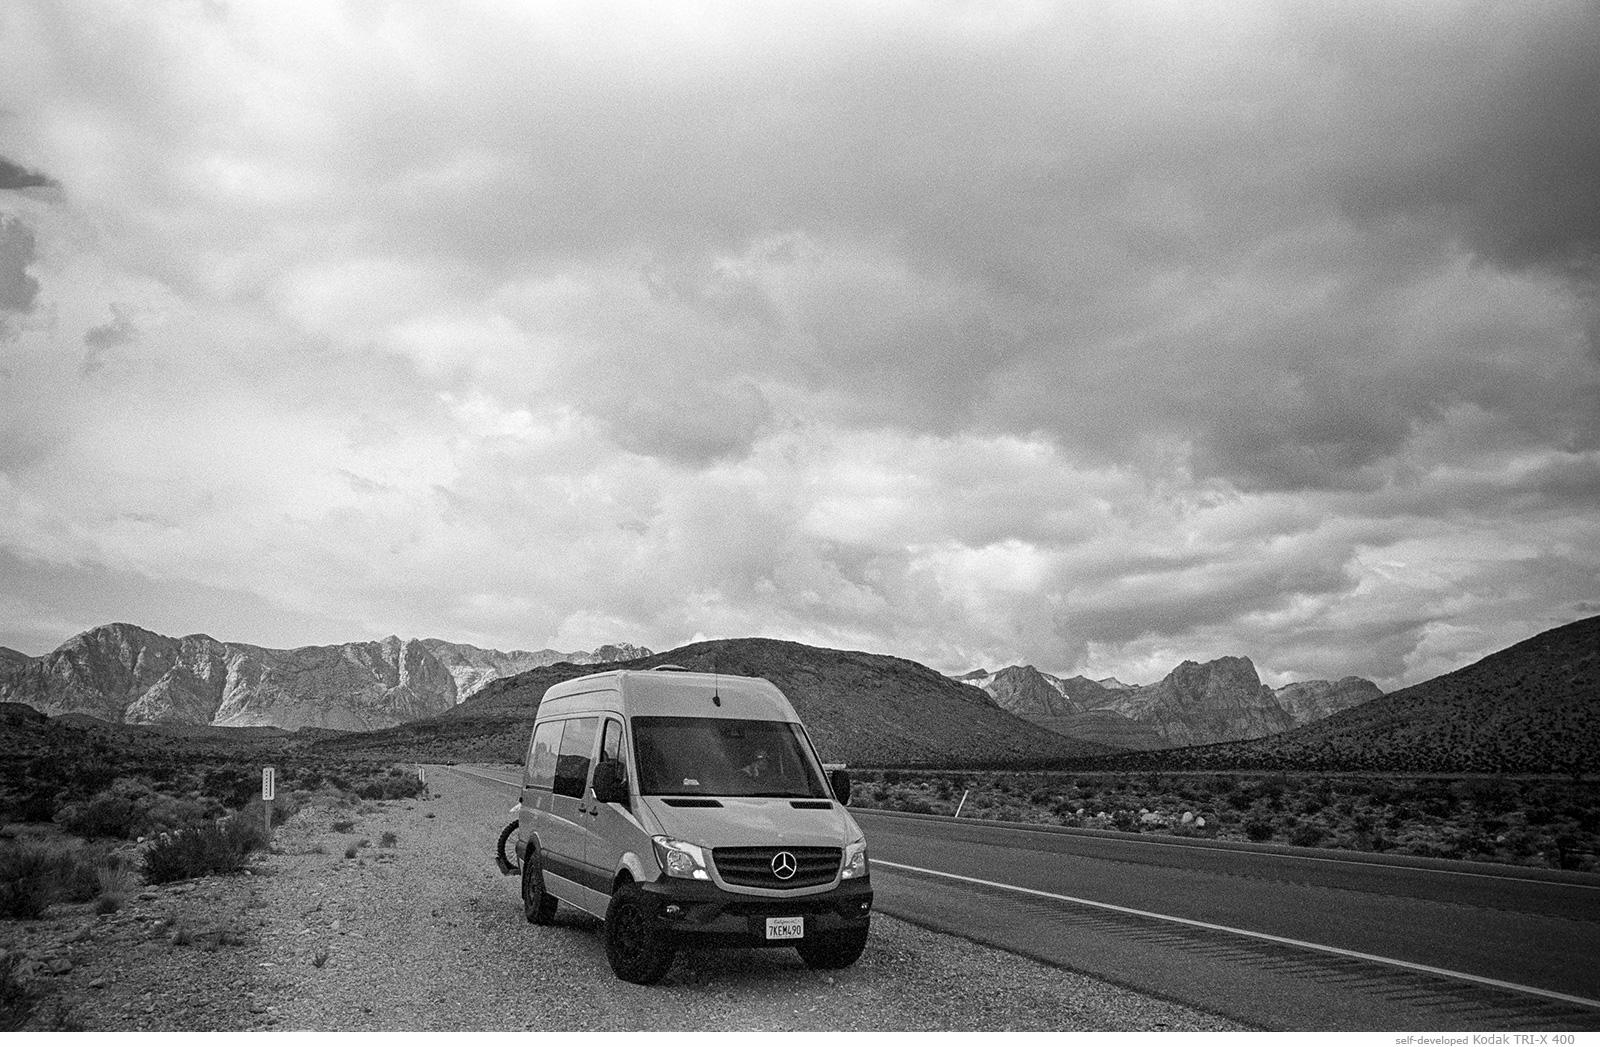 20151029_Nevada7_KODAK-TRIX400